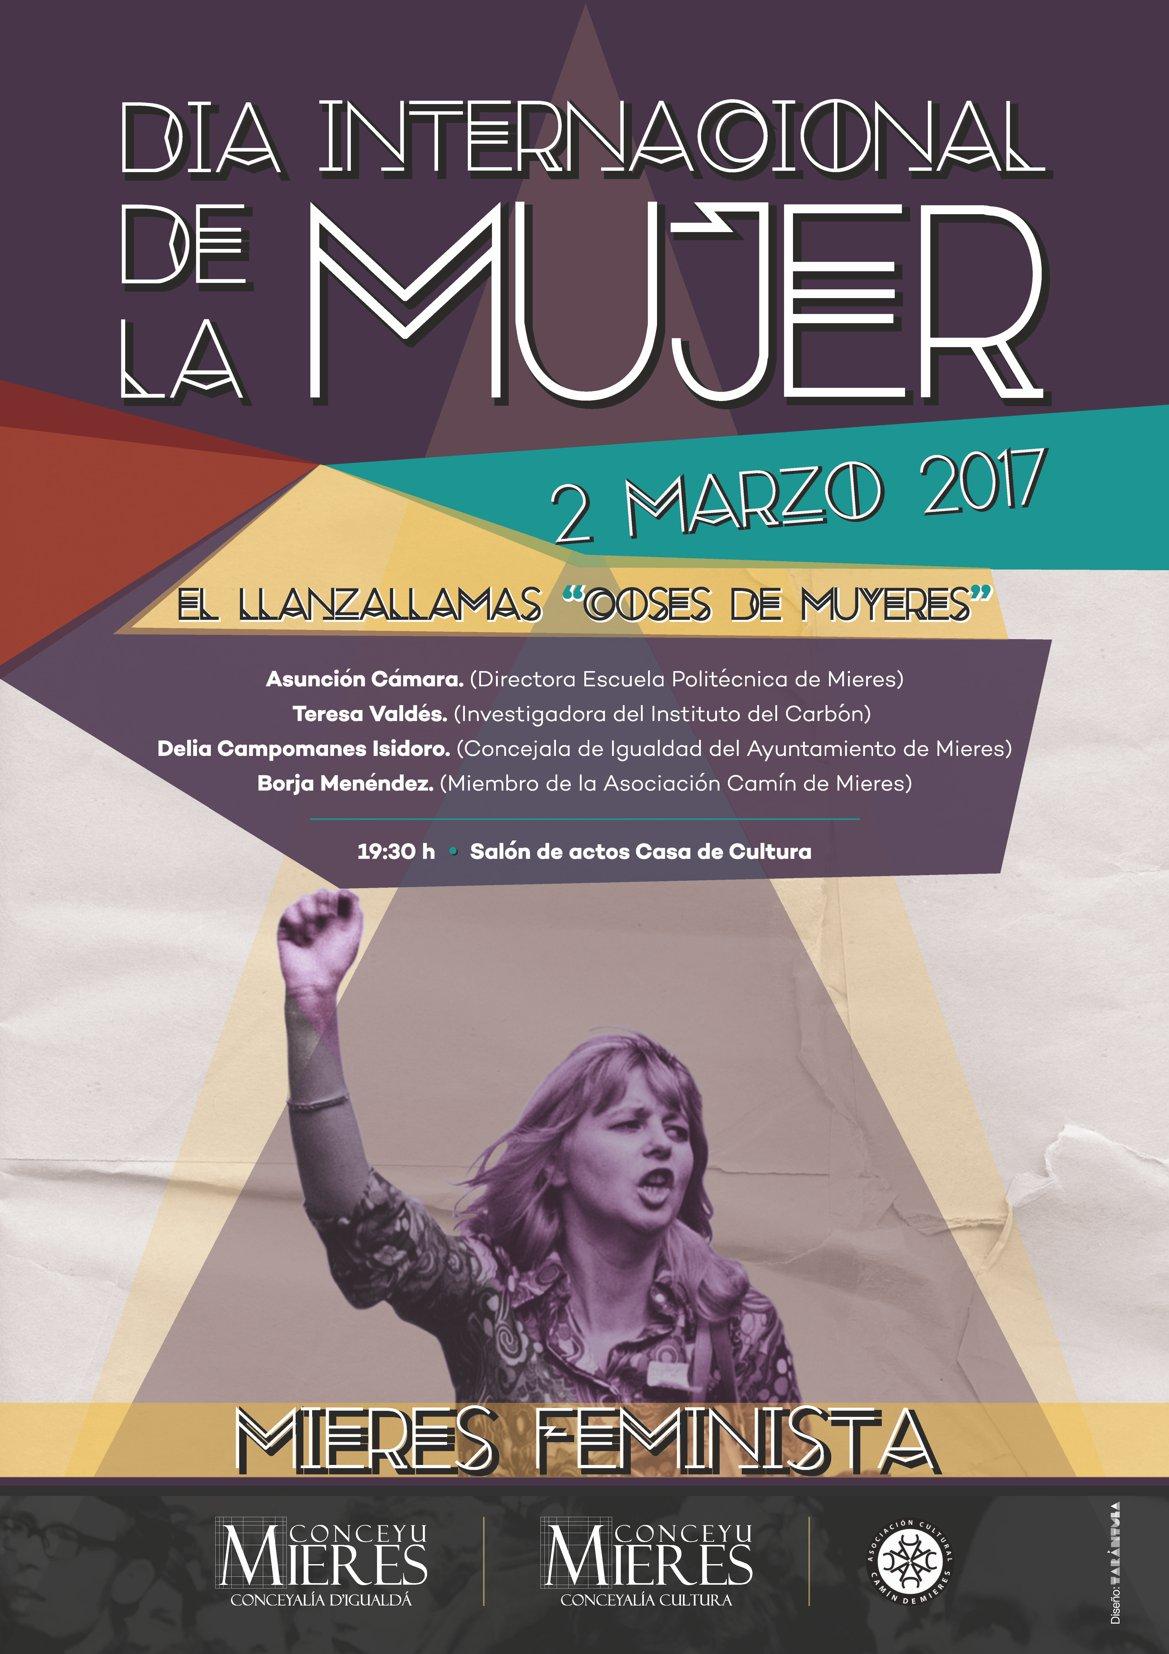 Dia Internacional de la mujer 2017_ El lanzallamas